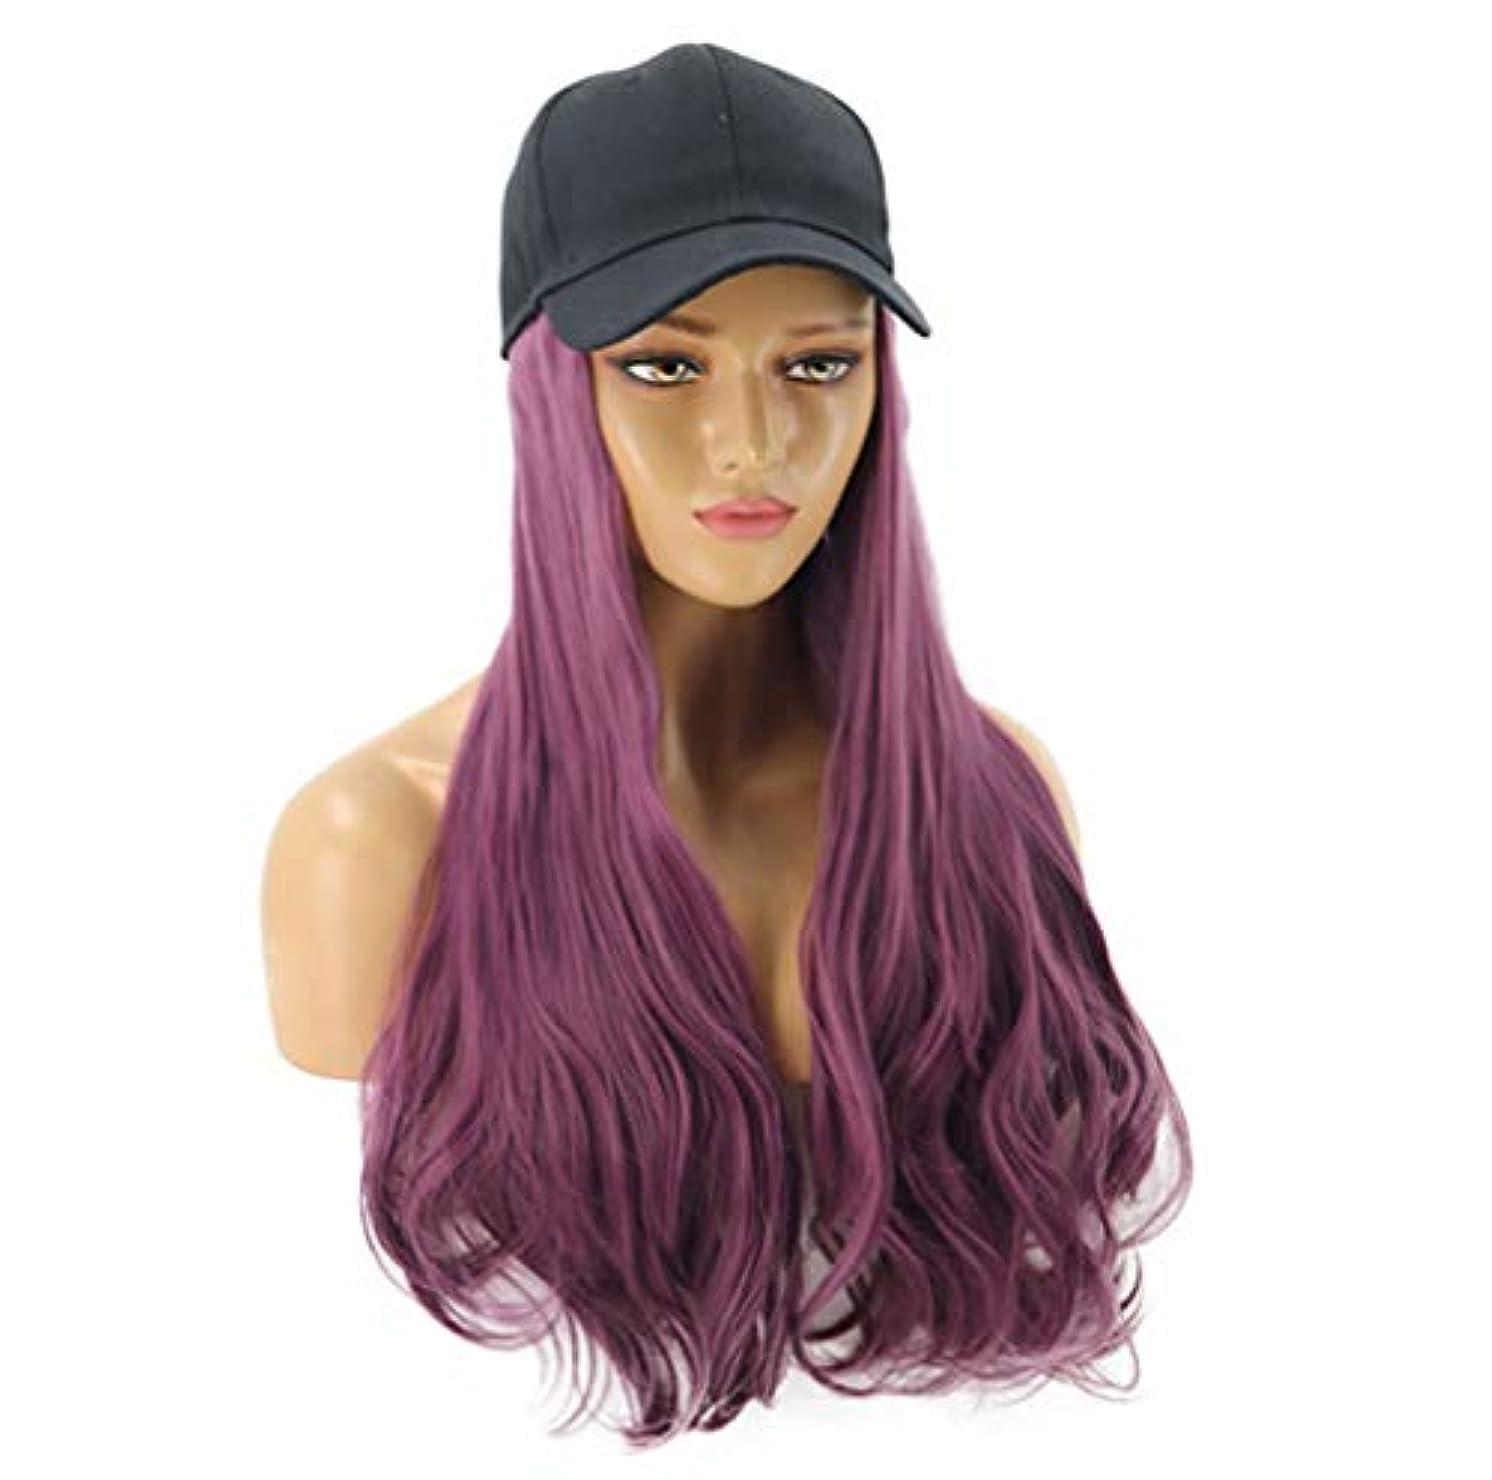 命令的盆地原理女性の野球帽、ヘアエクステンション付き毎日のパーティー用の長い波状のワンピースヘアエクステンション付きの黒い帽子が付いた自然な人工毛